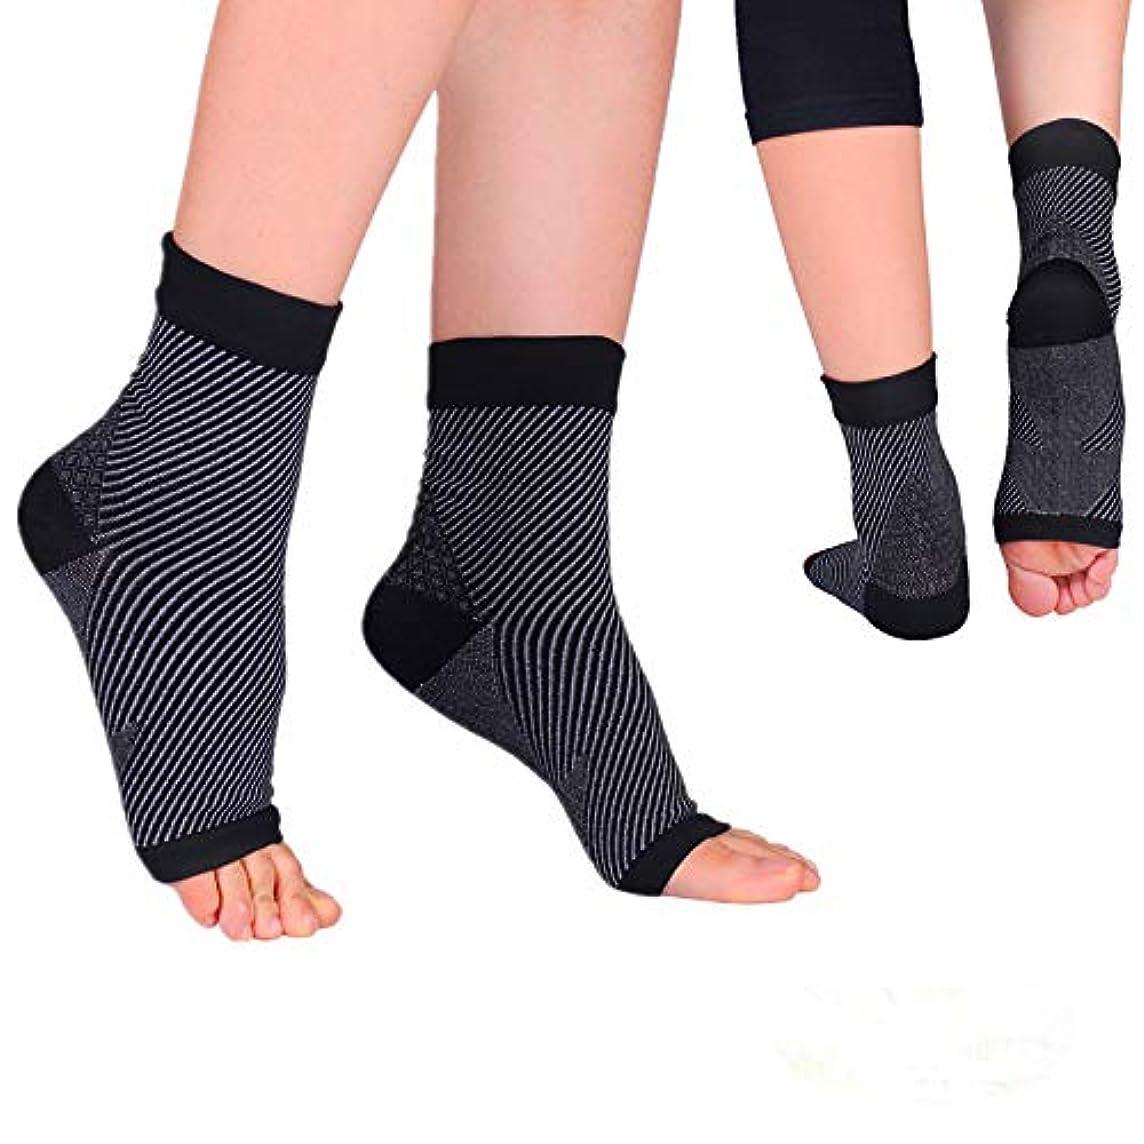 販売員粗い配管工通気性足首ソックス 足 サポーター 足首固定足の腫れを軽減する-2枚組